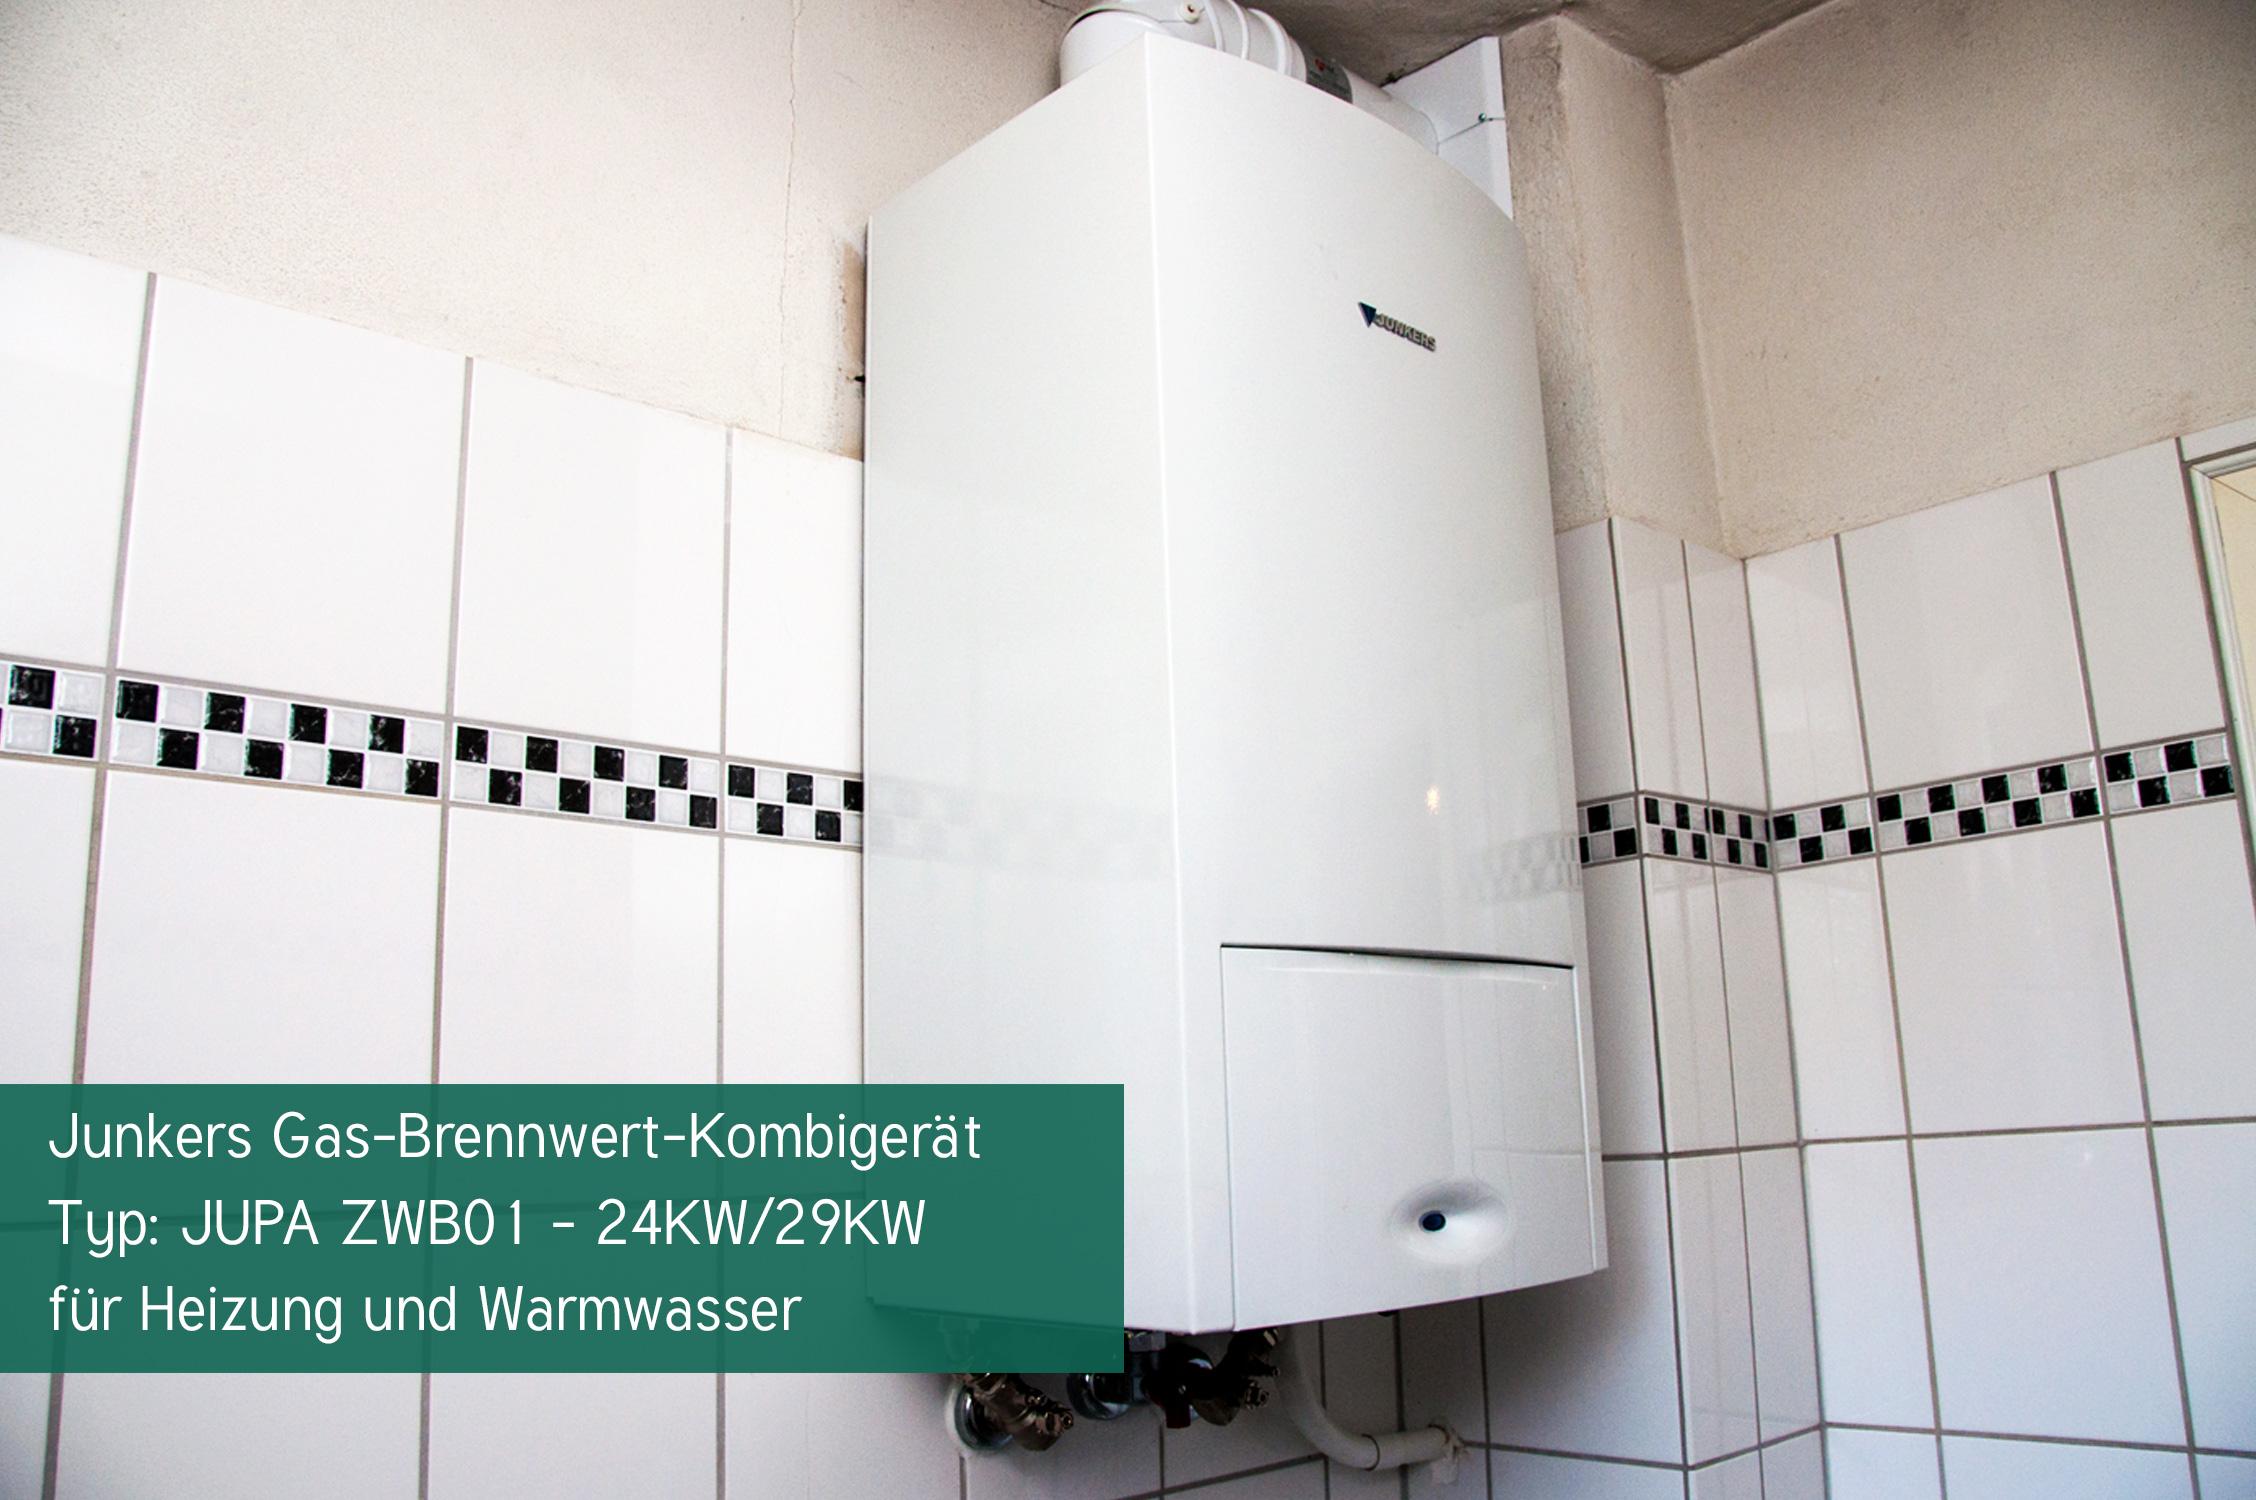 Einbau einer Gasbrennwert-Kombitherme in Essen - Herr Metken